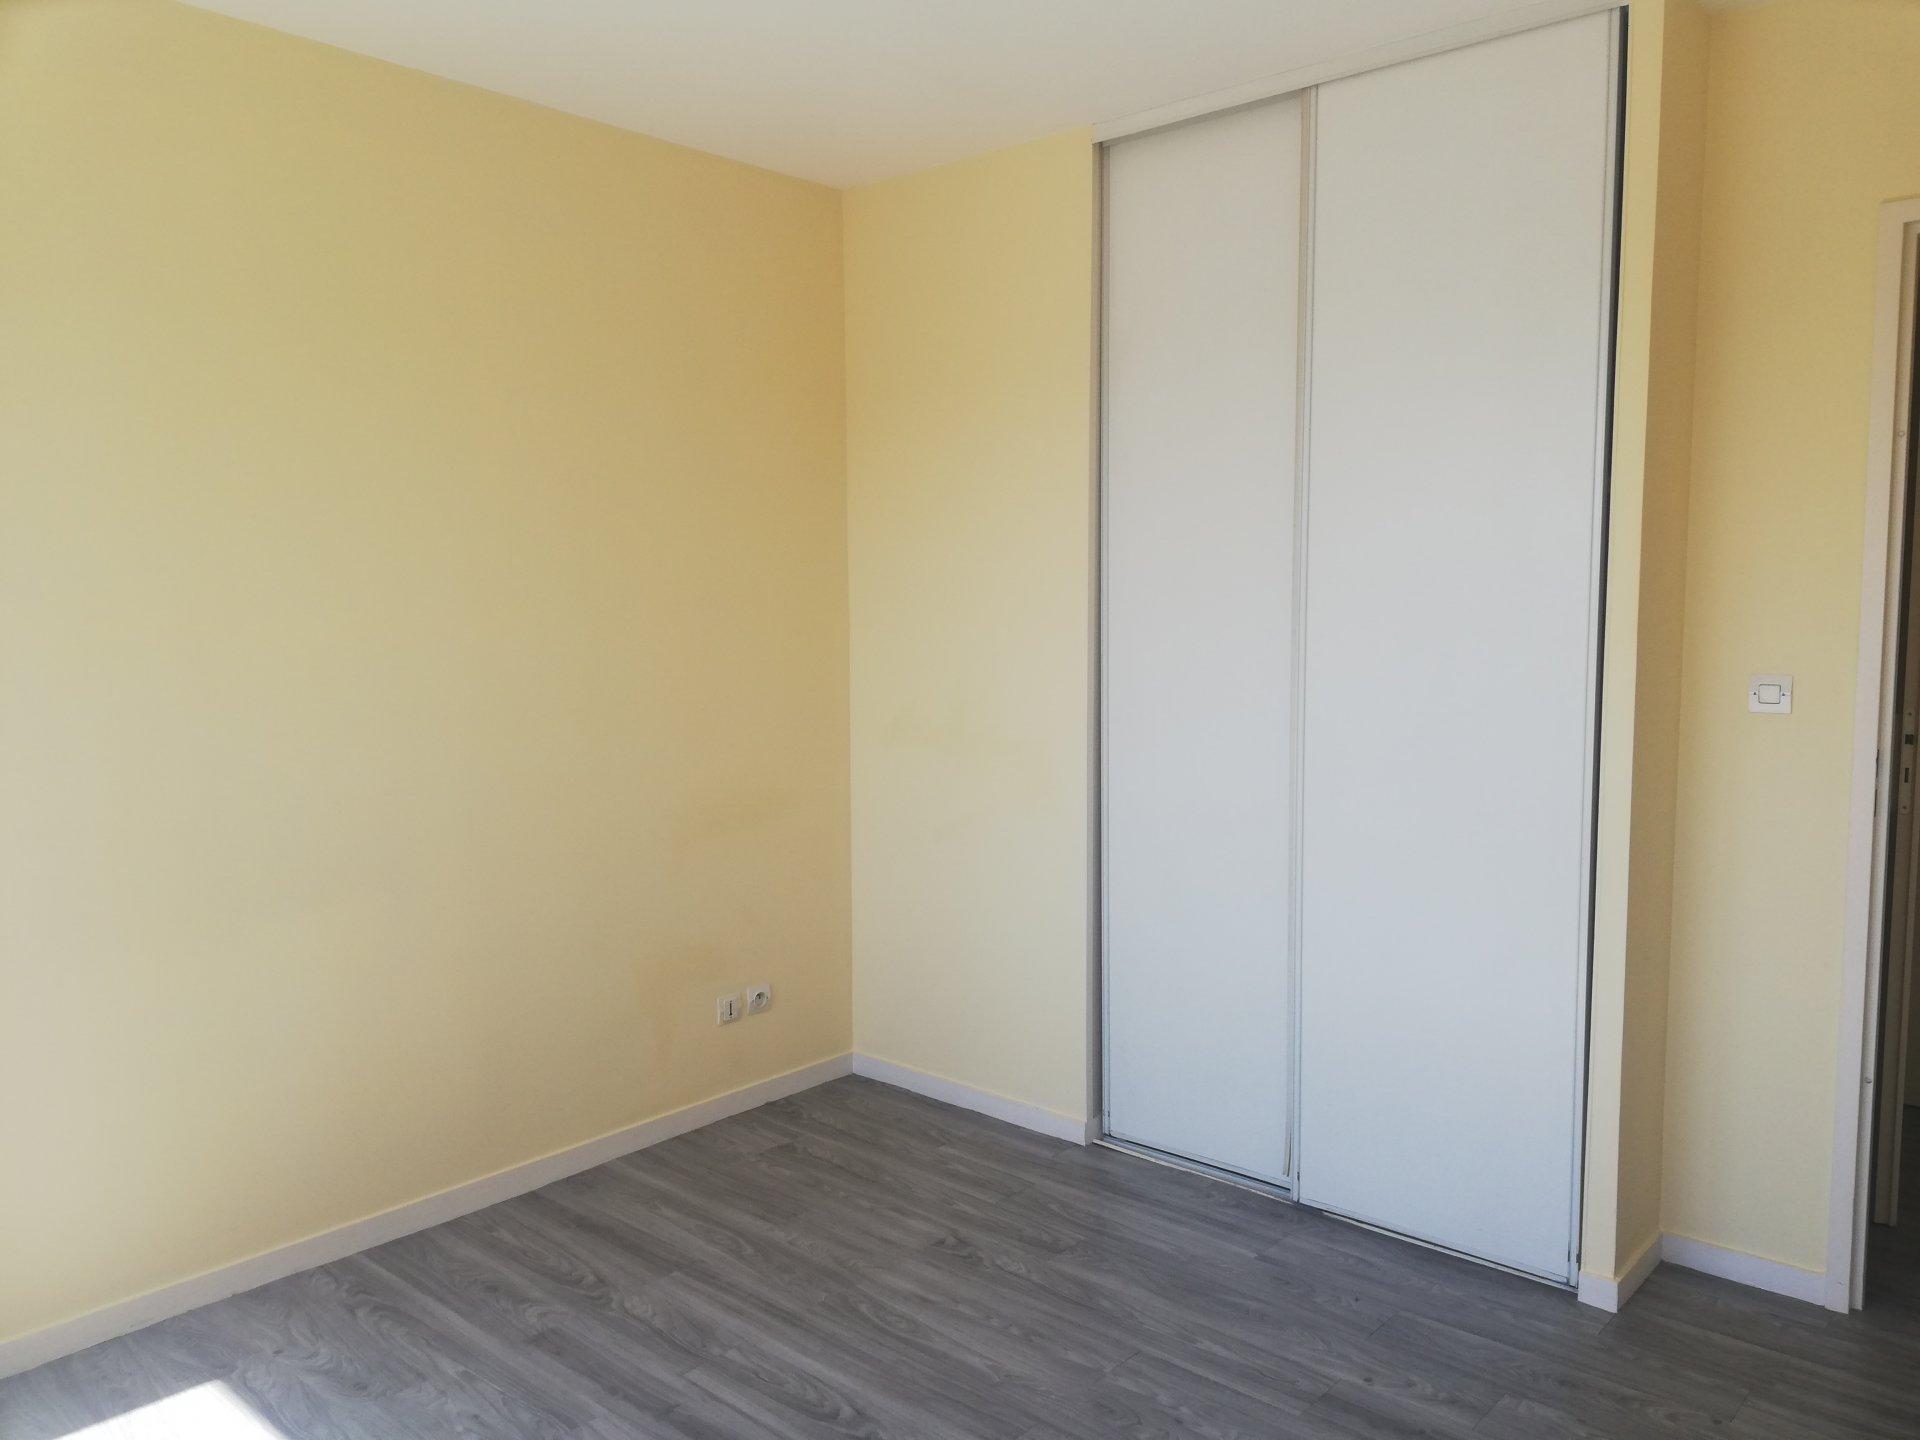 Appartement T3 avec parking - quartier lafayette